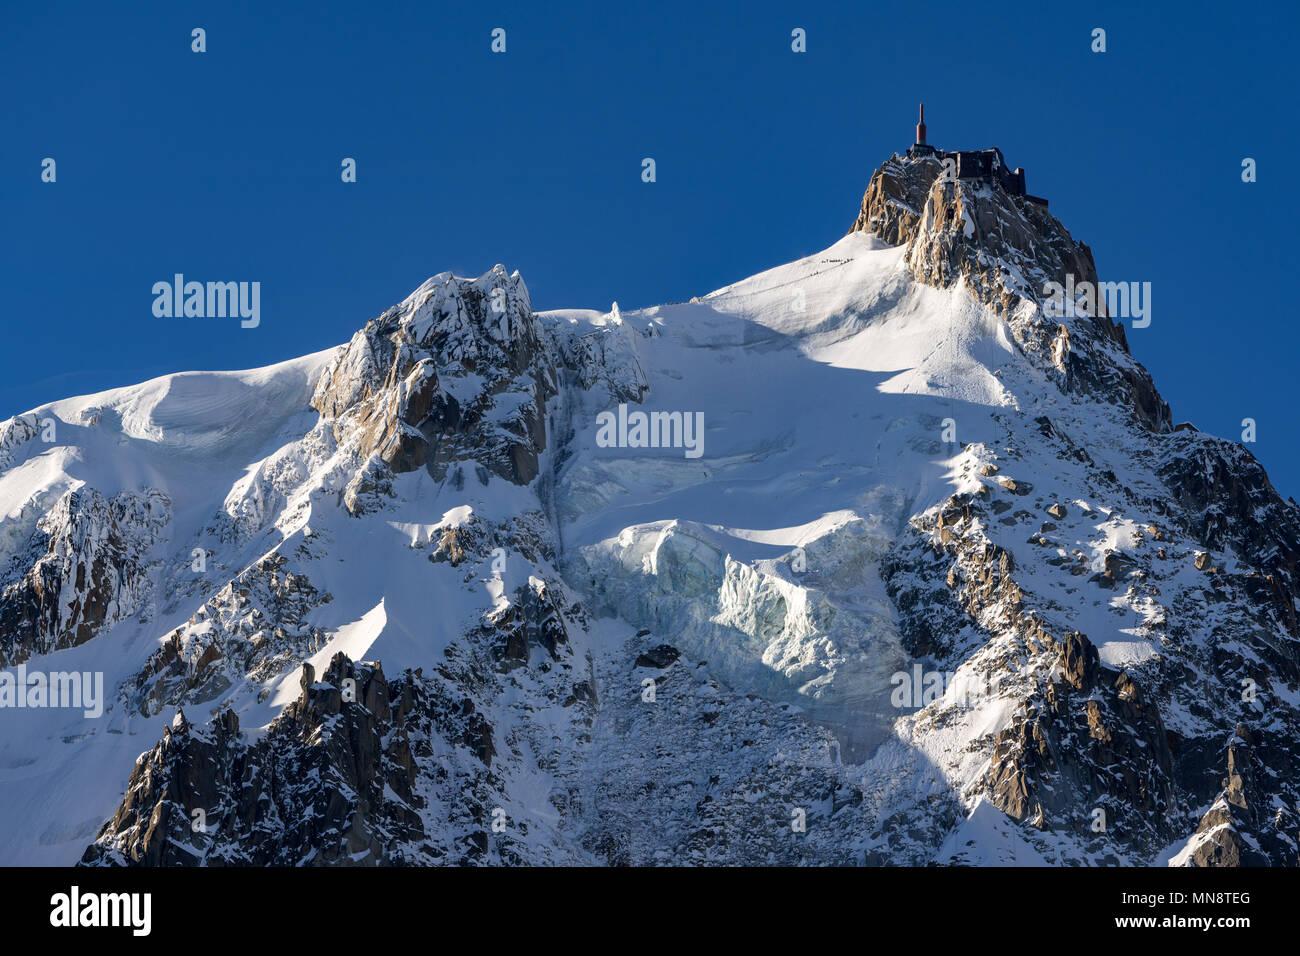 Aiguille du Midi needle in winter morning light. Chamonix Mont Blanc, Haute-Savoie (Upper Savoy) Stock Photo